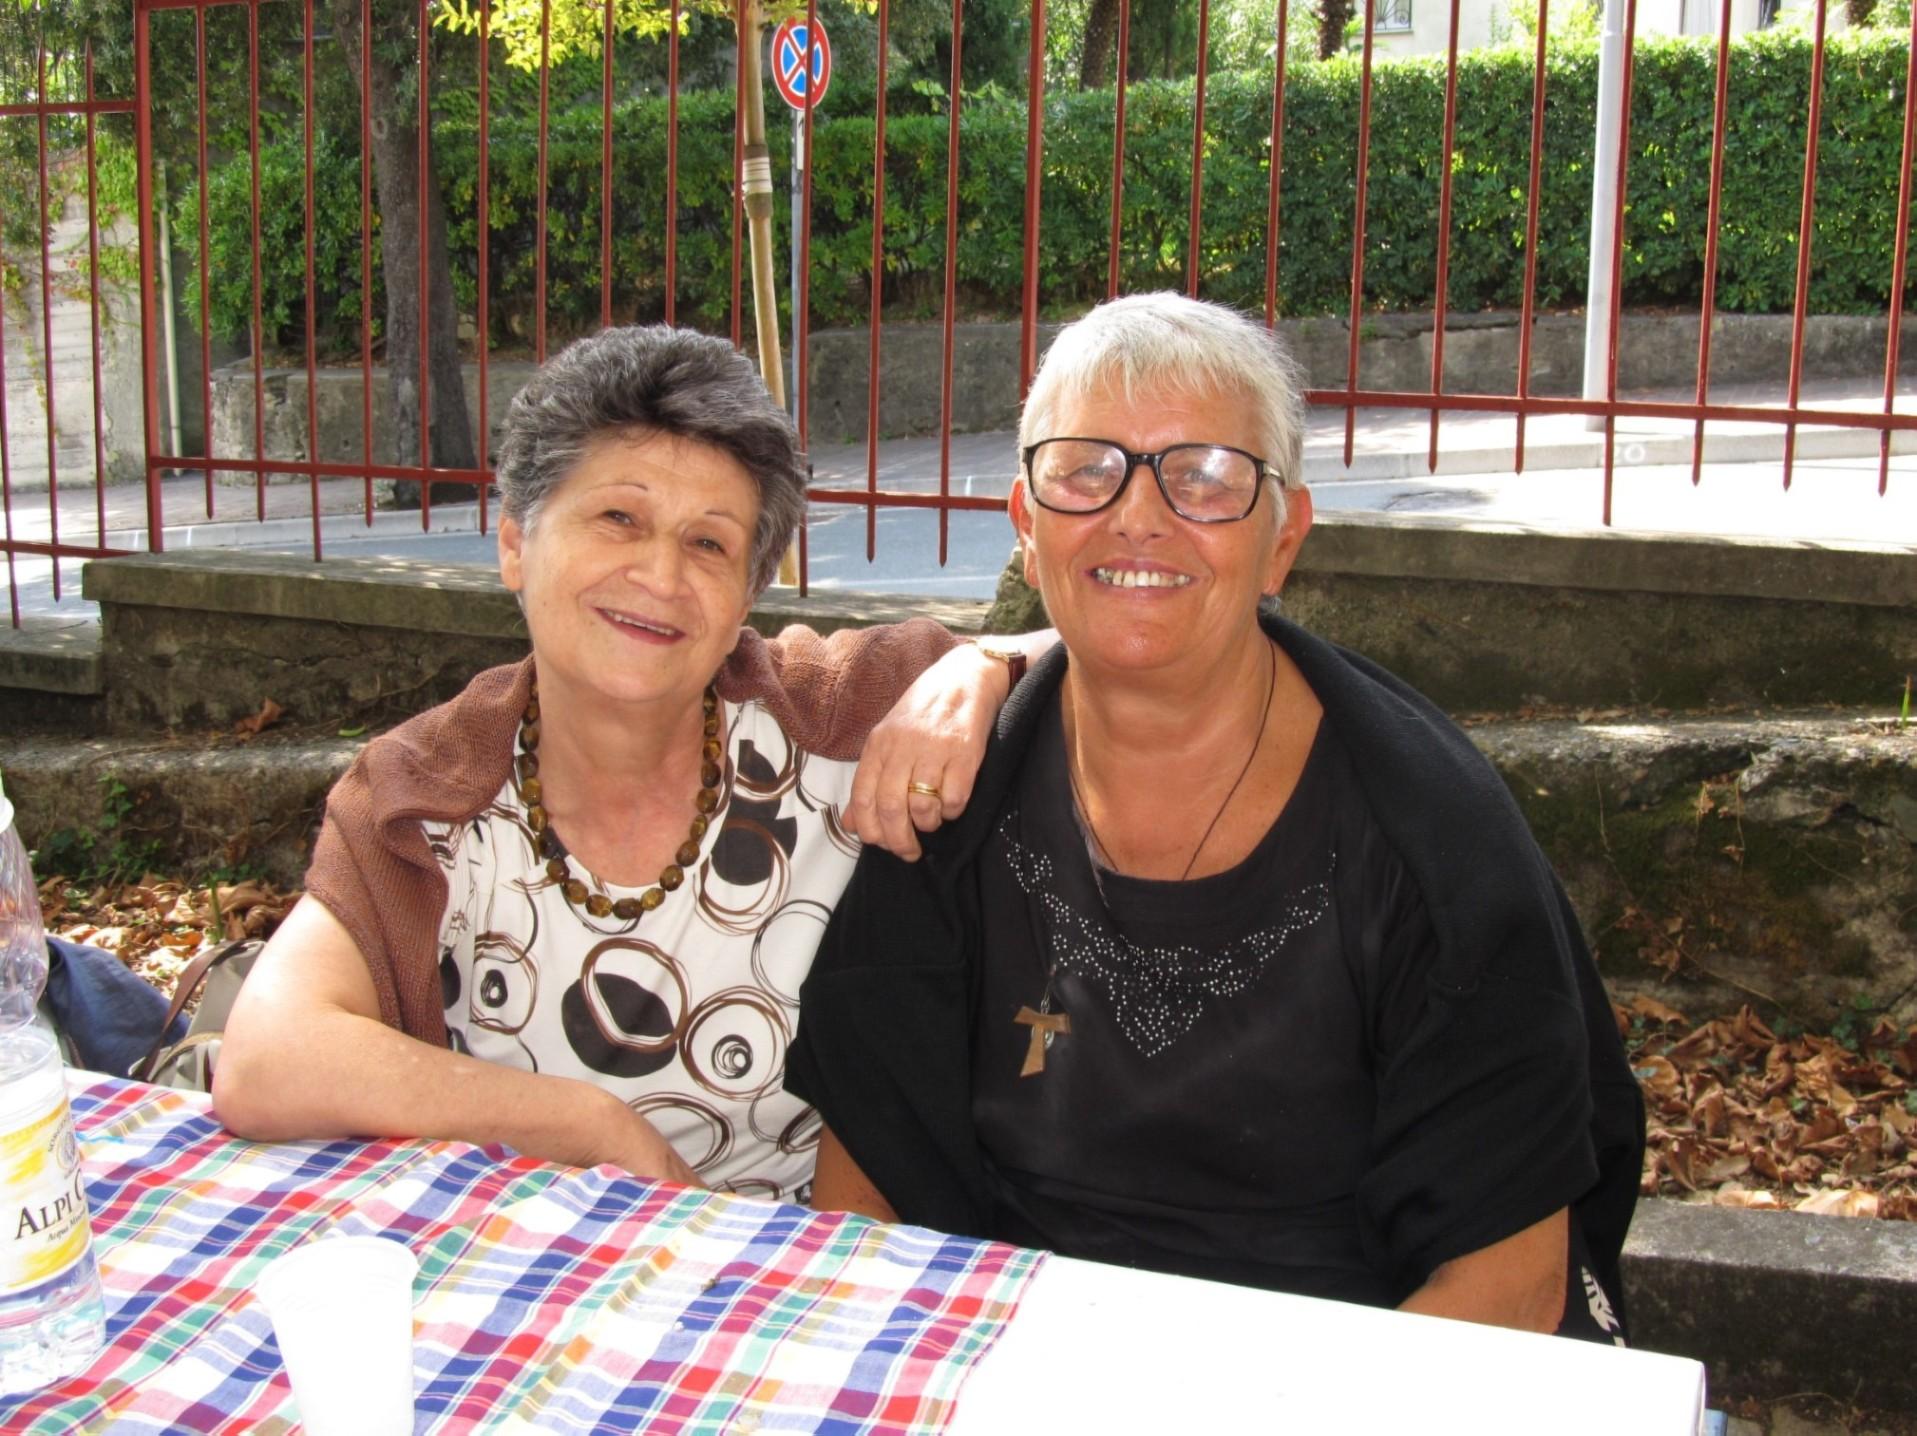 giornata_comunita_arenzano-2013-09-22-13-01-32